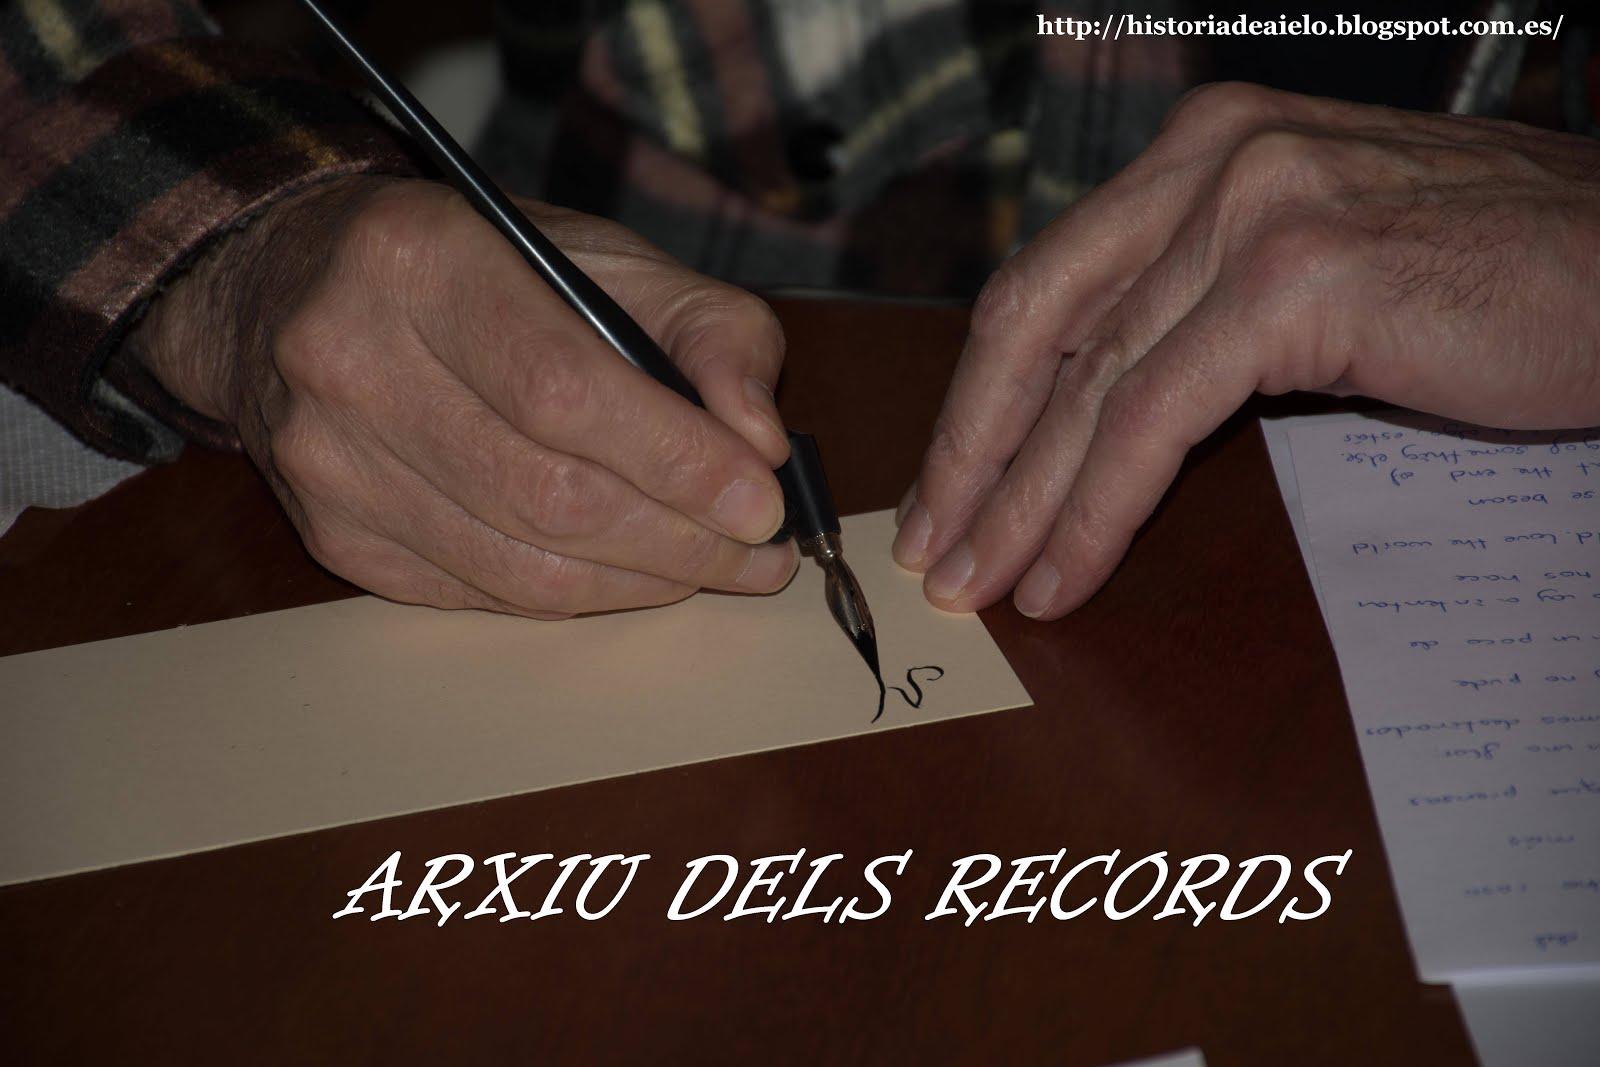 ARXIU DELS RECORDS